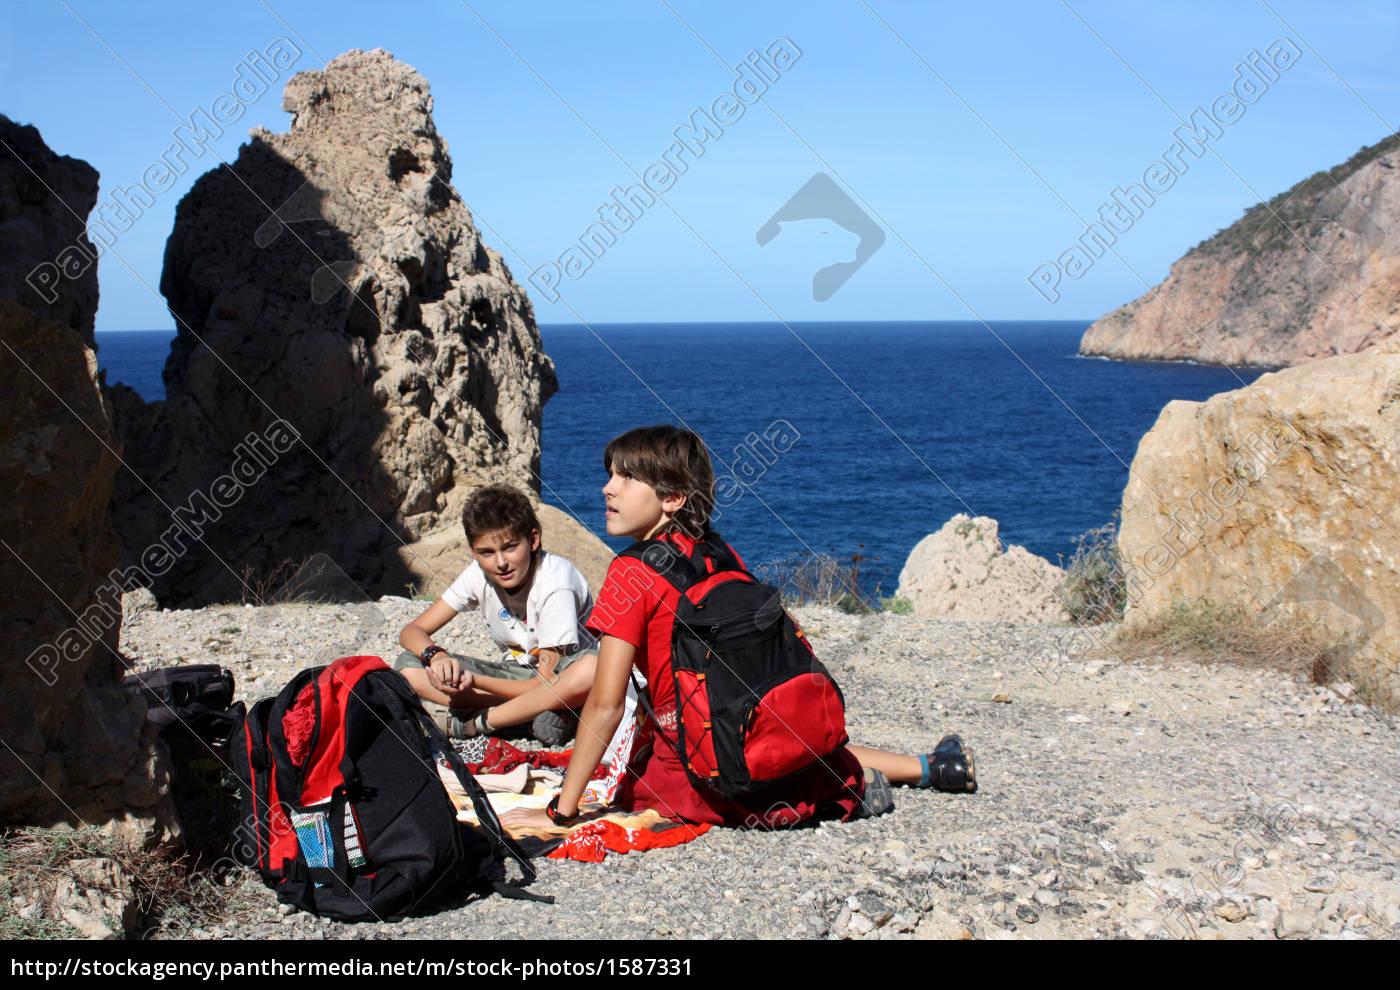 hiking, in, ibiza - 1587331